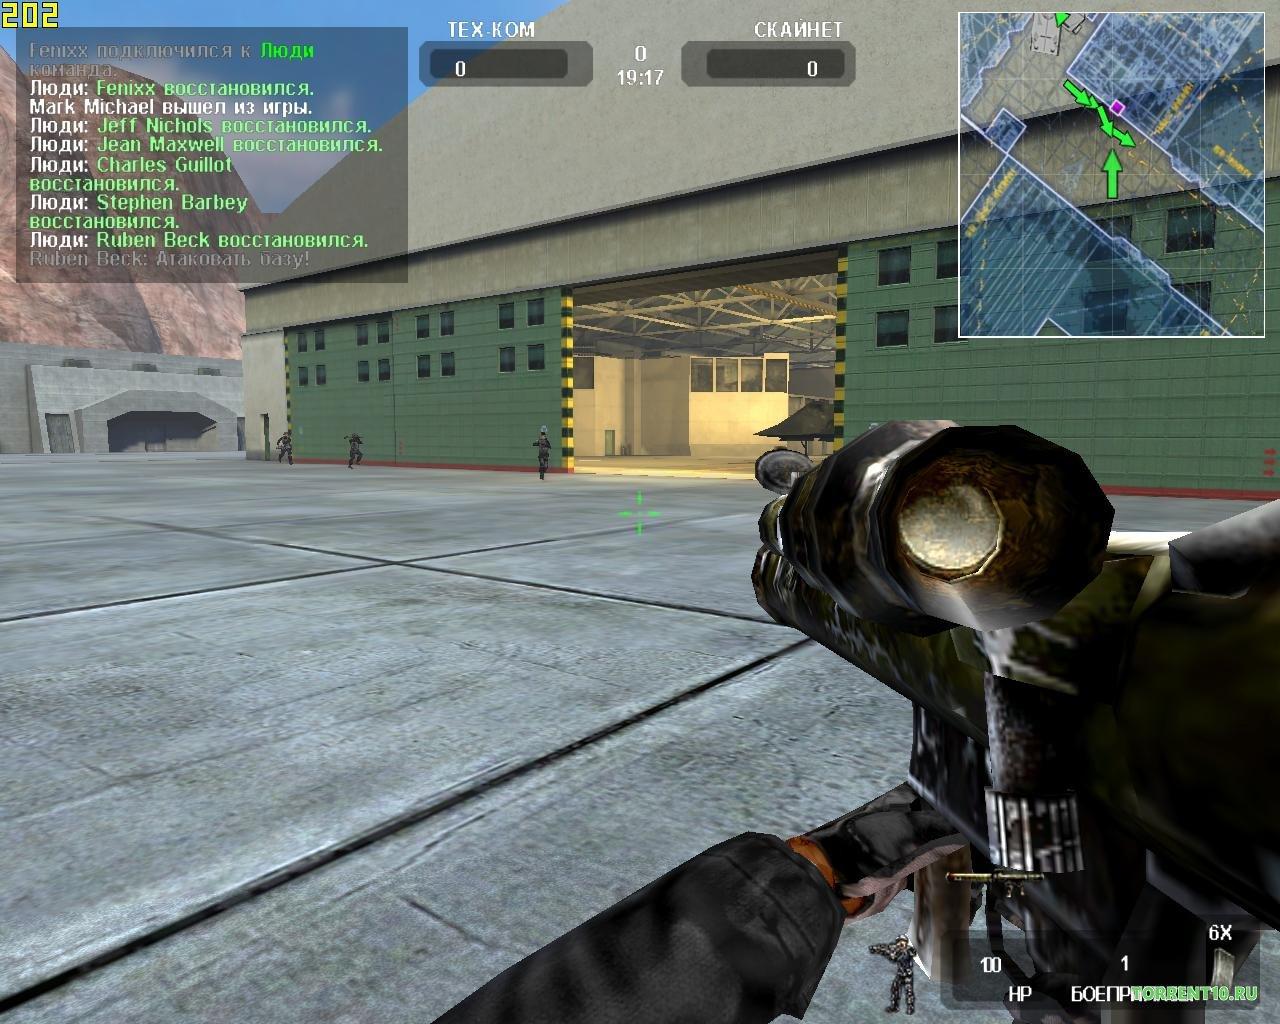 Игры терминатор скачать на компьютер